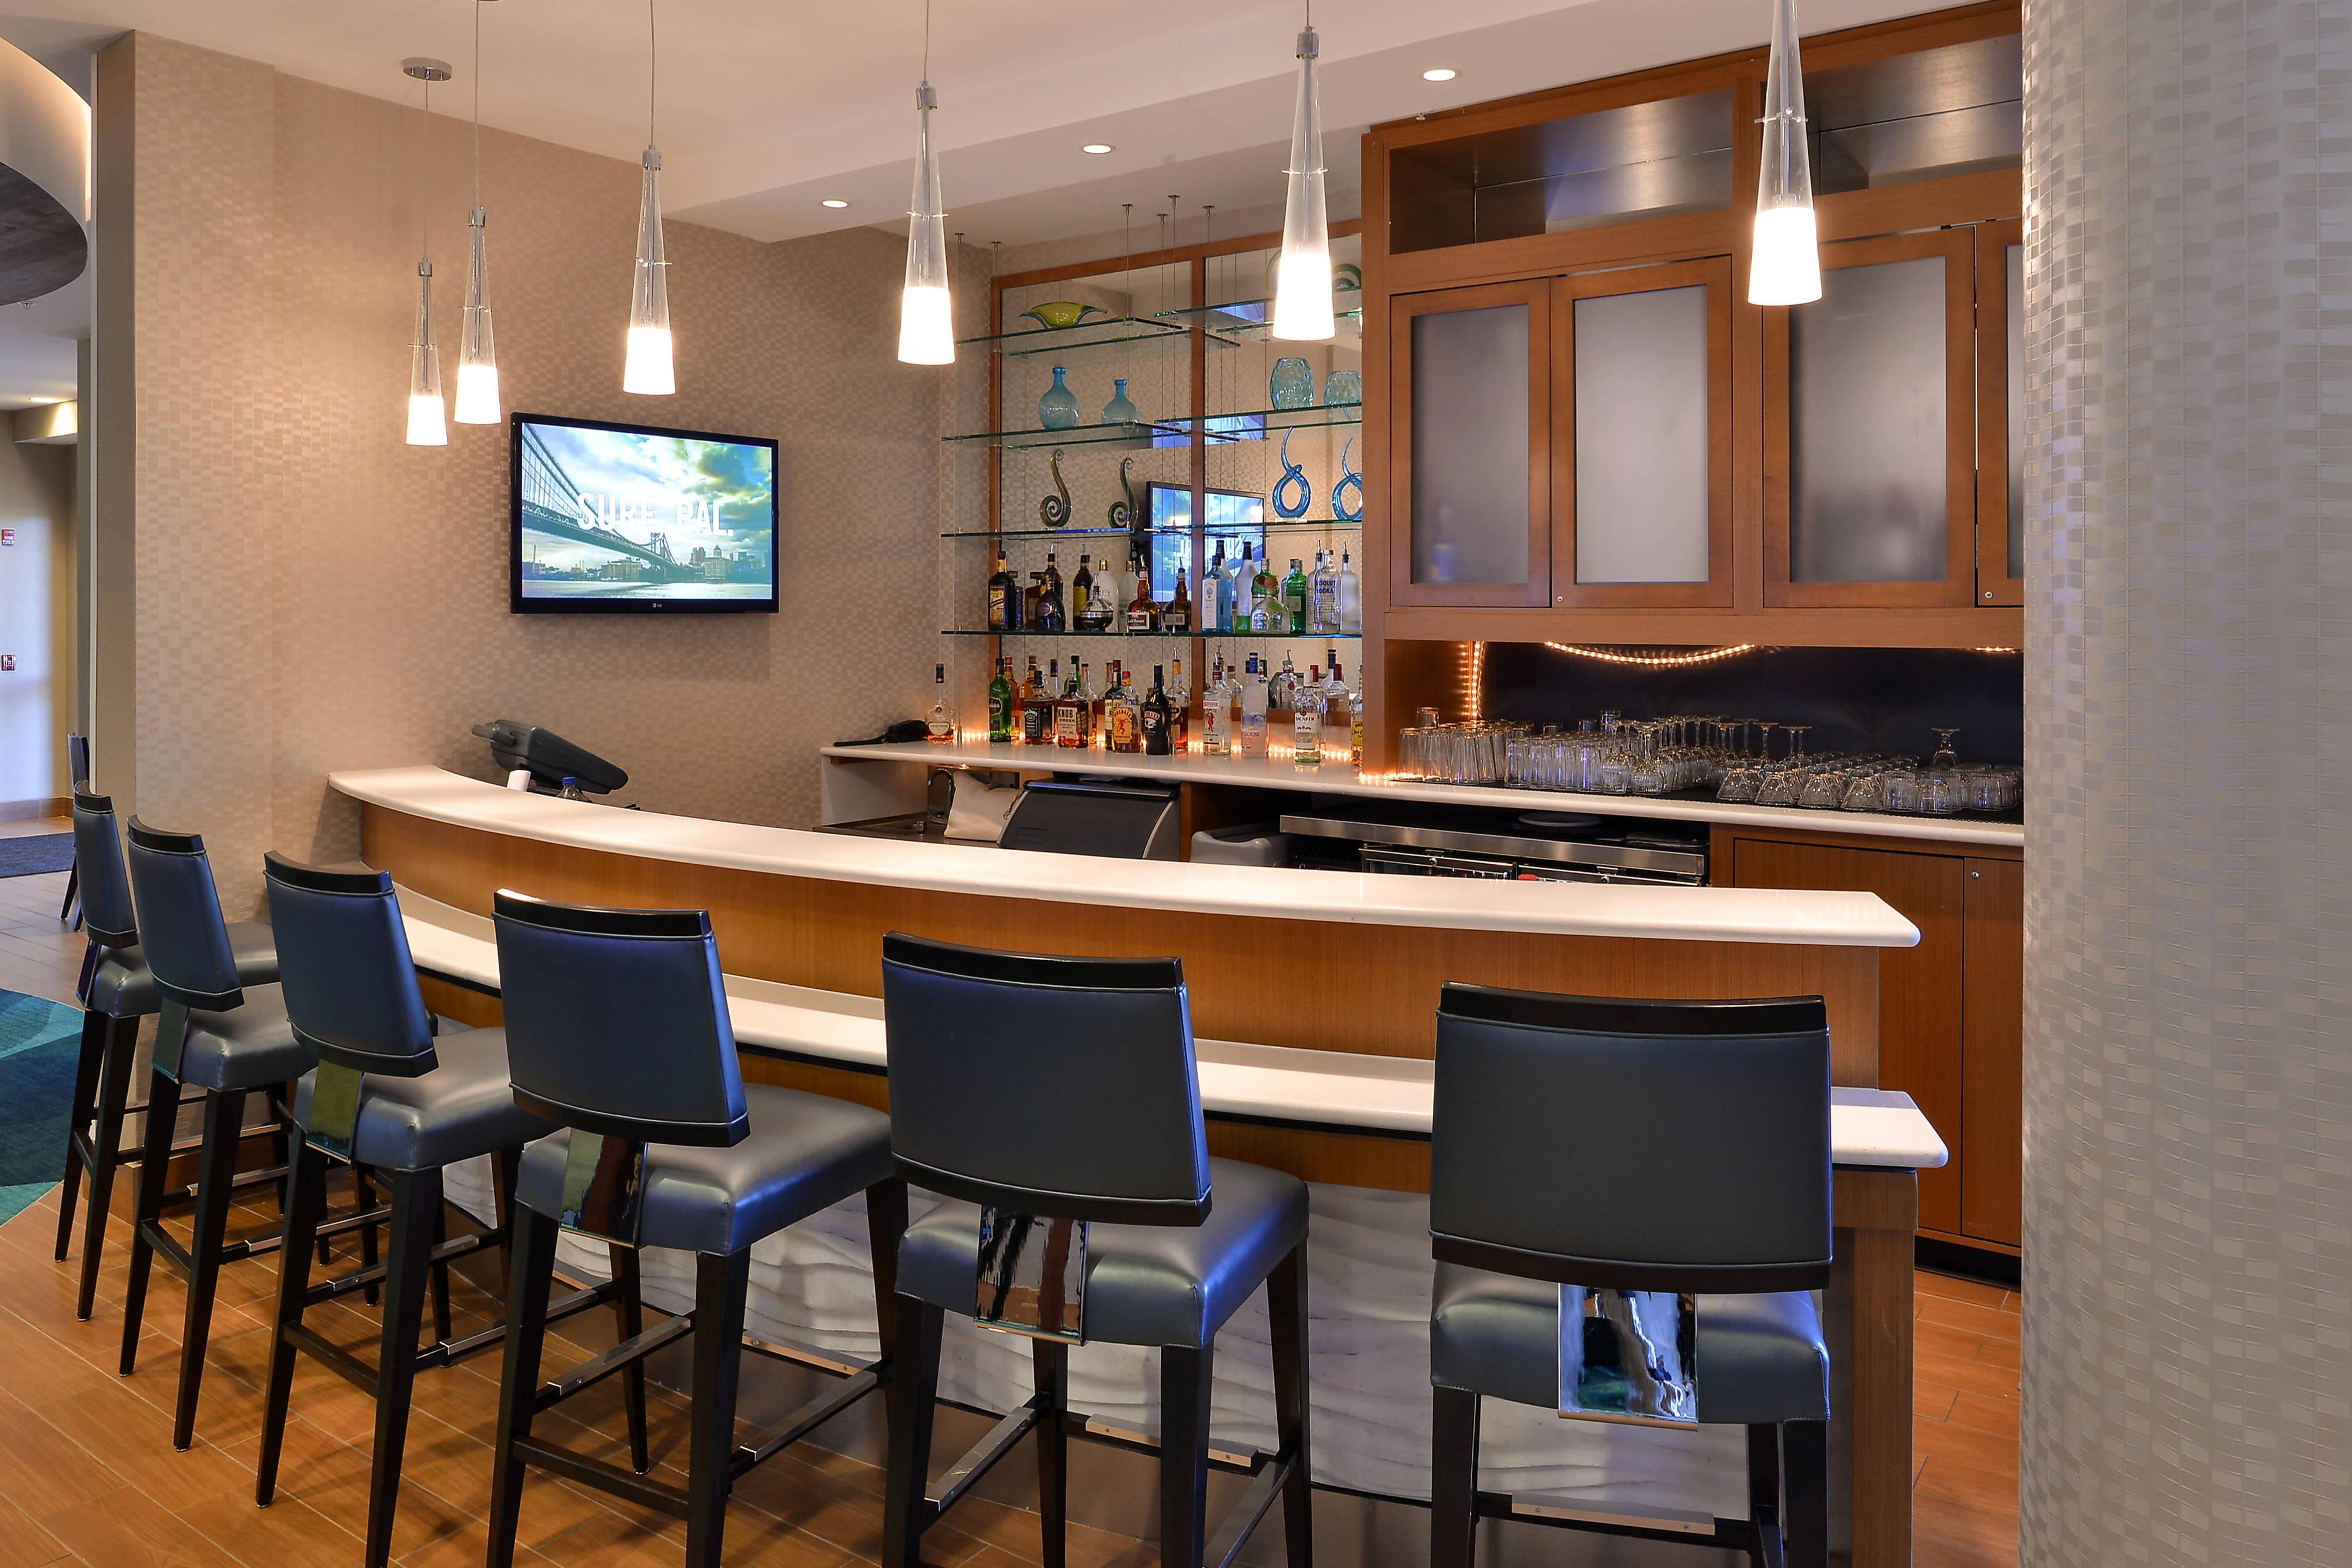 SpringHill Suites by Marriott Voorhees, NJ hotel